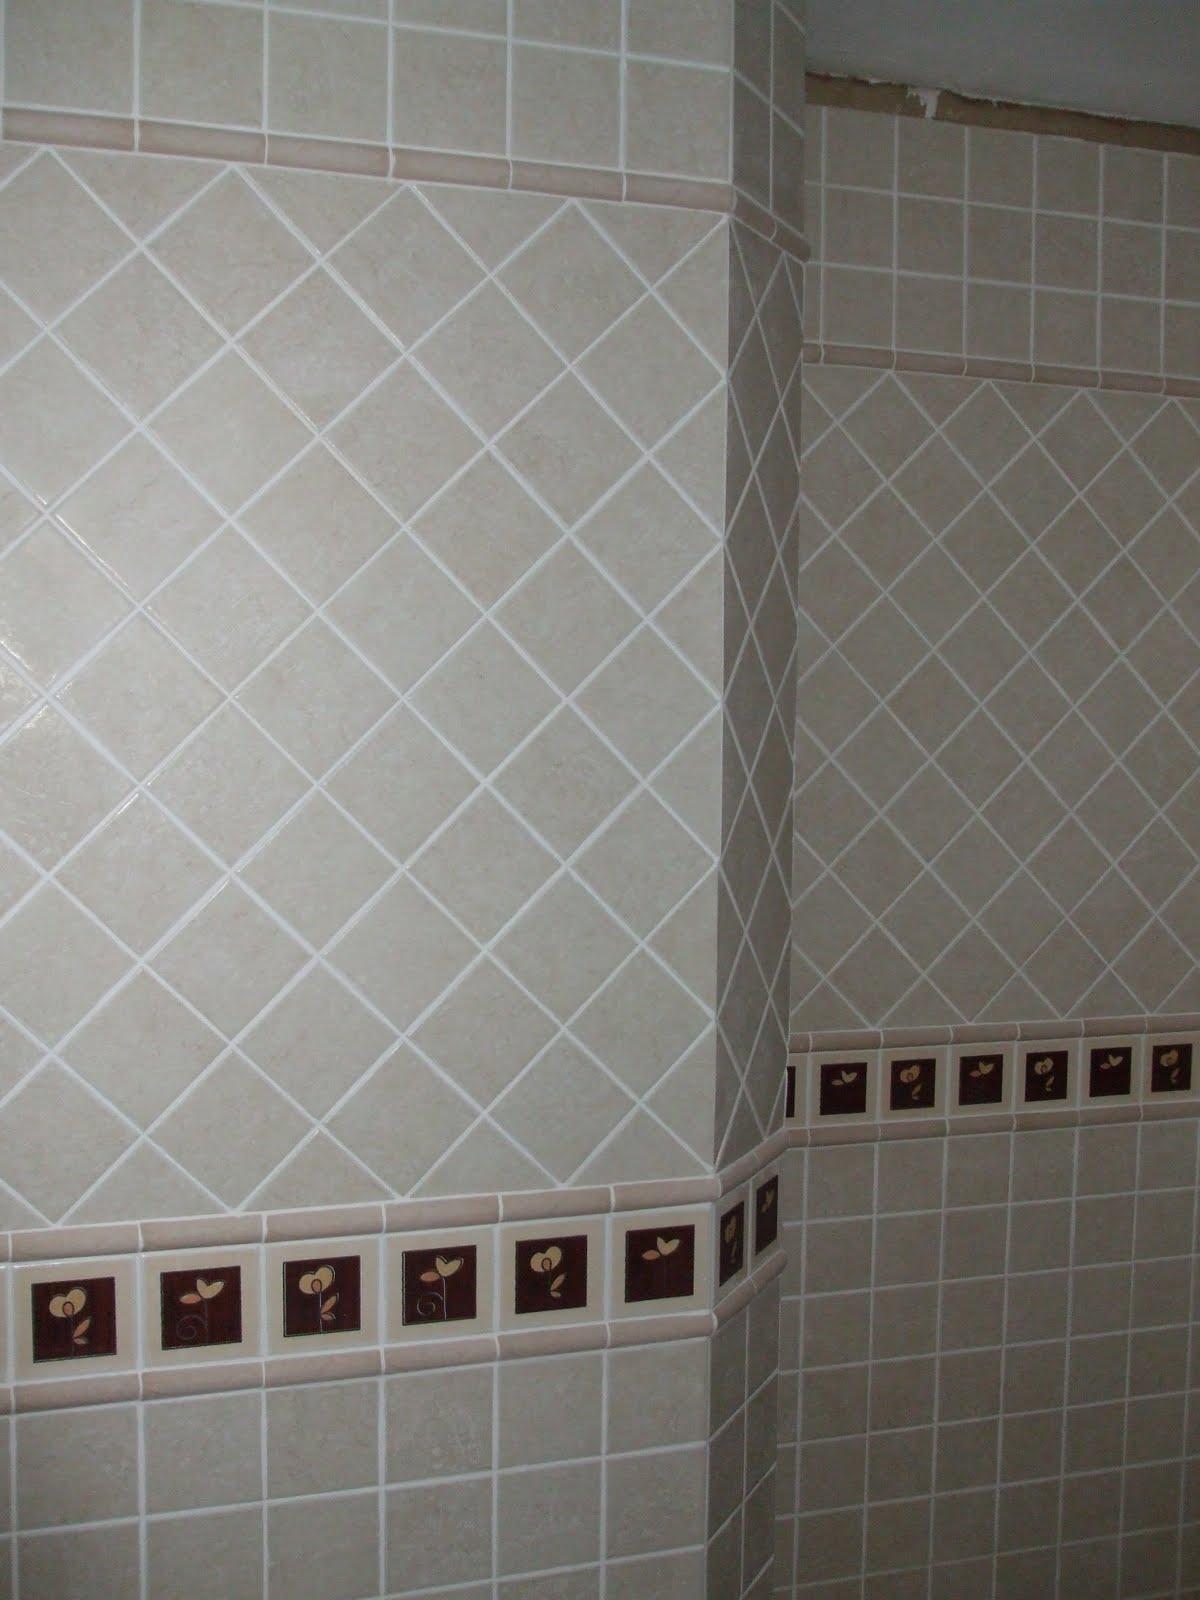 Fotos de ba os con azulejos pintados como colocar - Como colocar azulejos en el bano ...